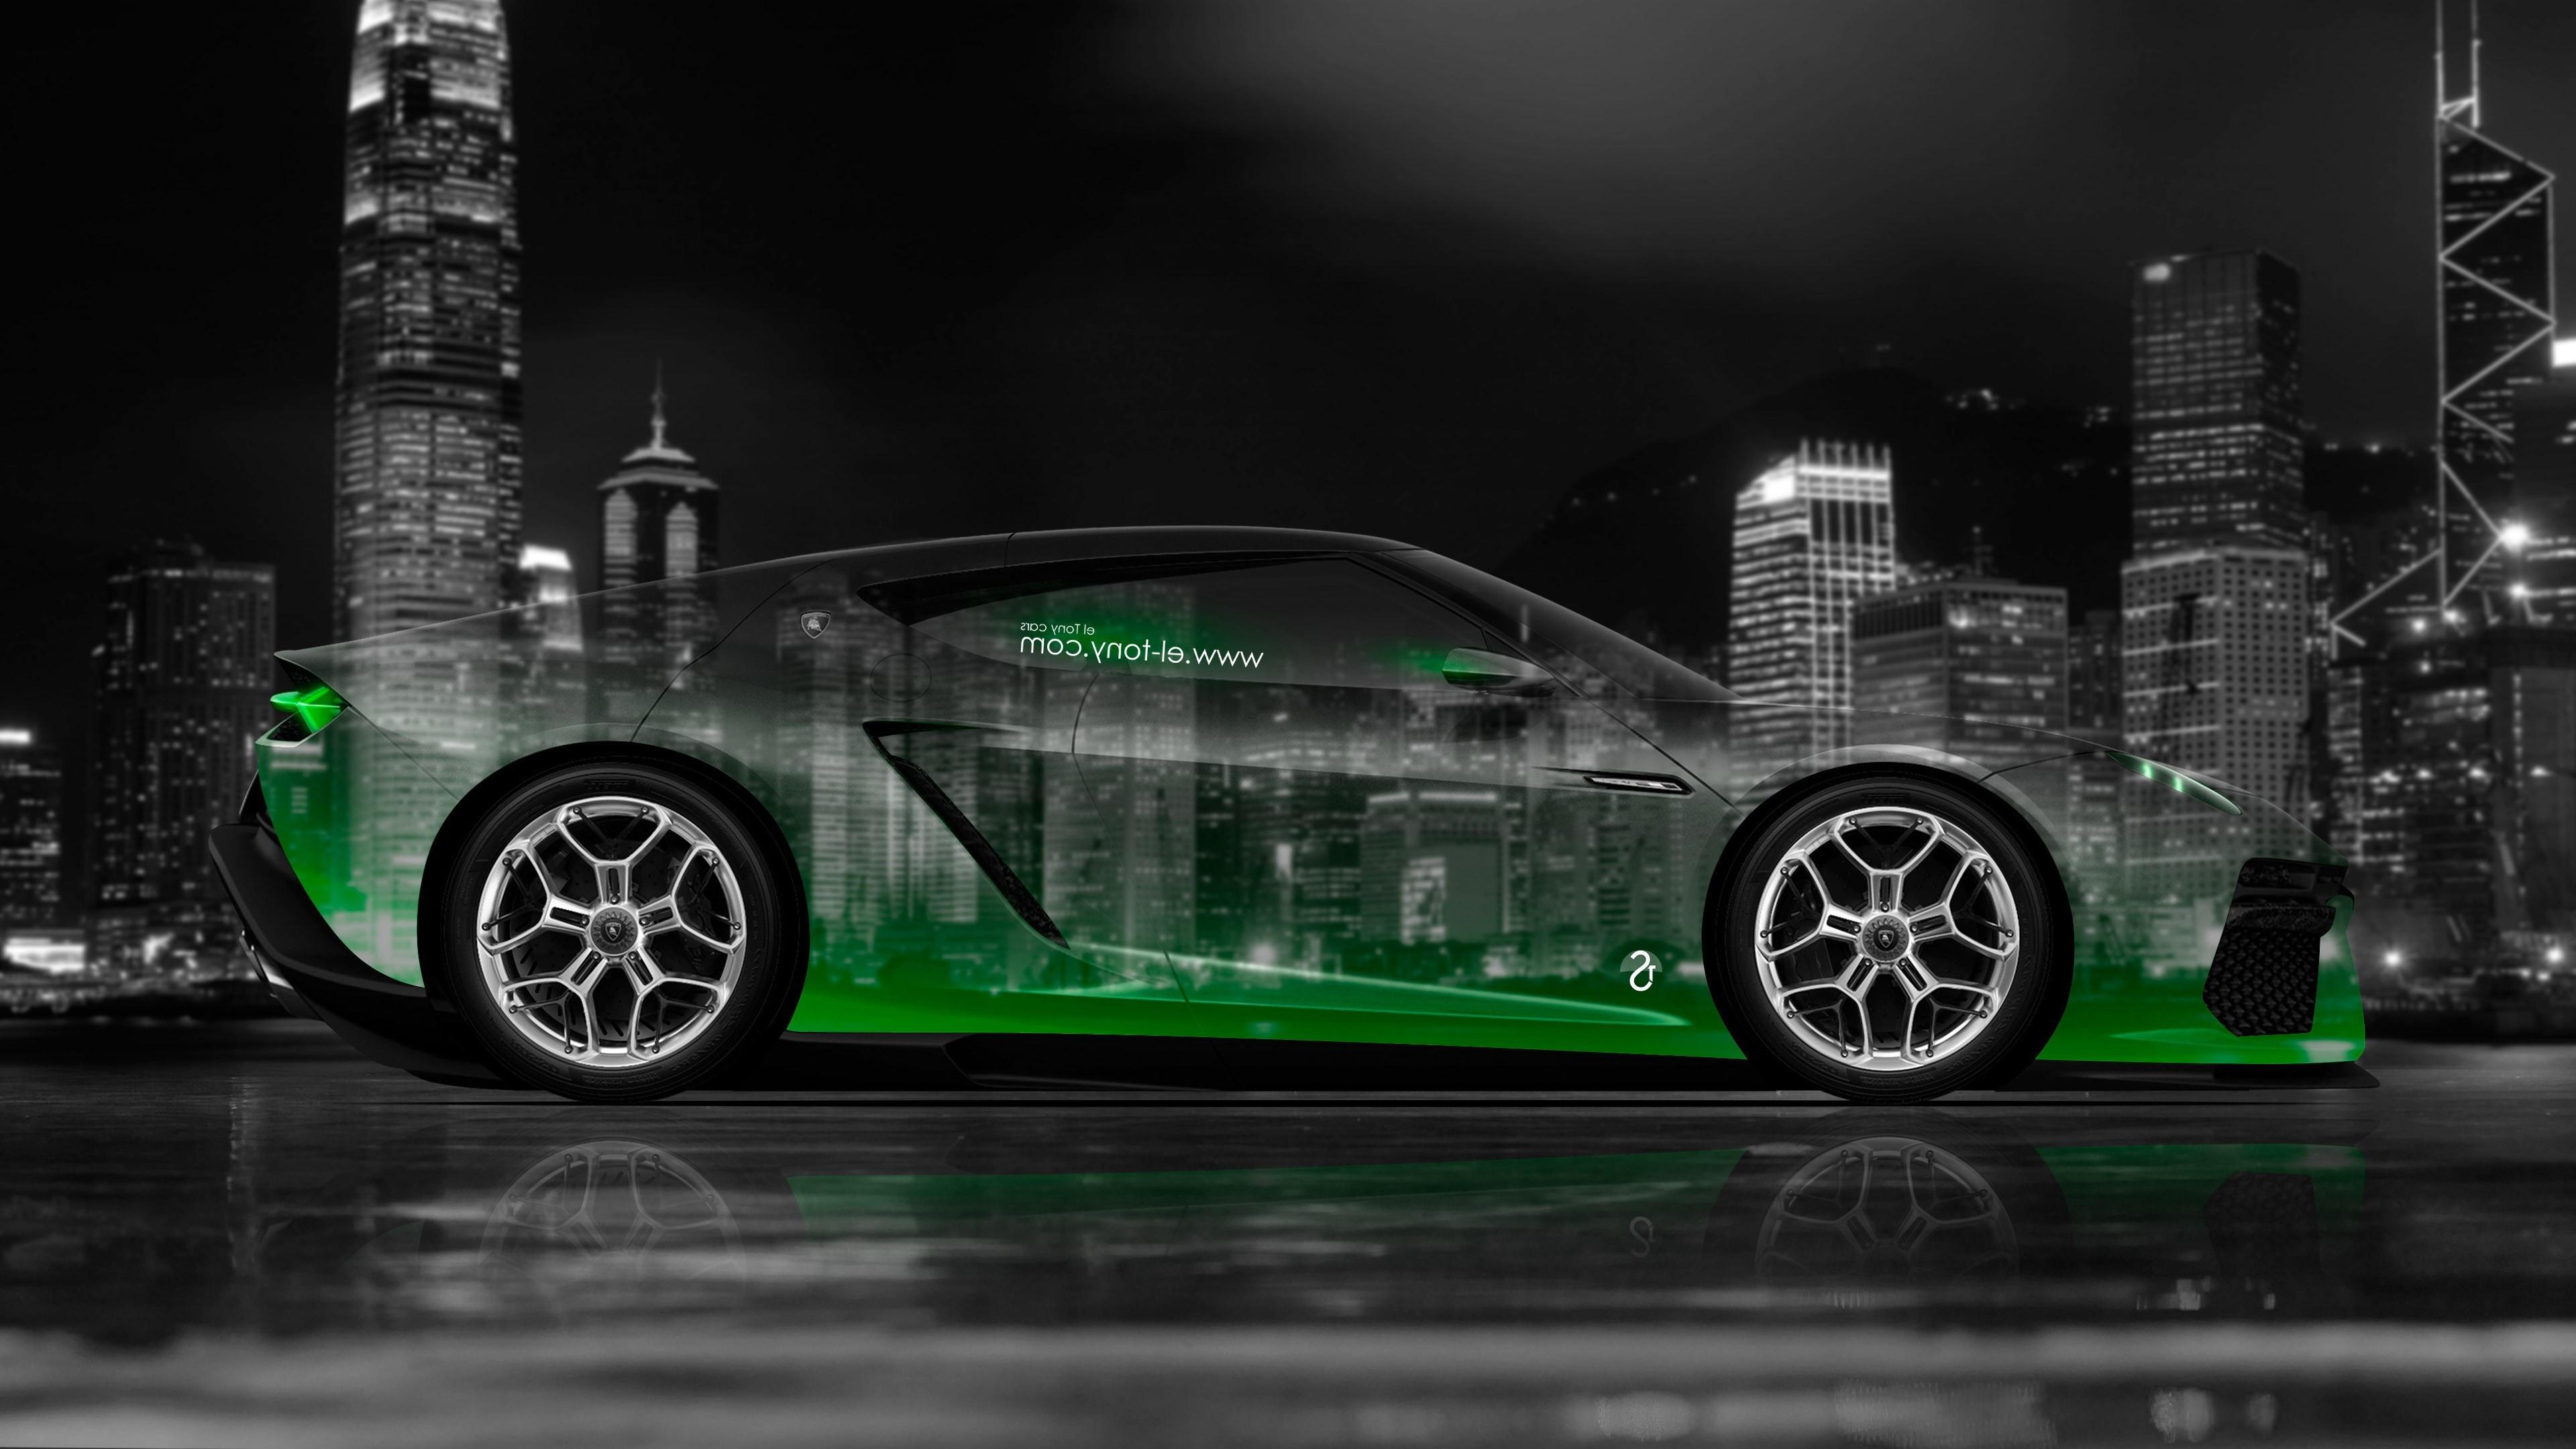 Lamborghini Zum Ausmalen Neu 29 Luxus Lamborghini Zum Ausmalen – Malvorlagen Ideen Bild